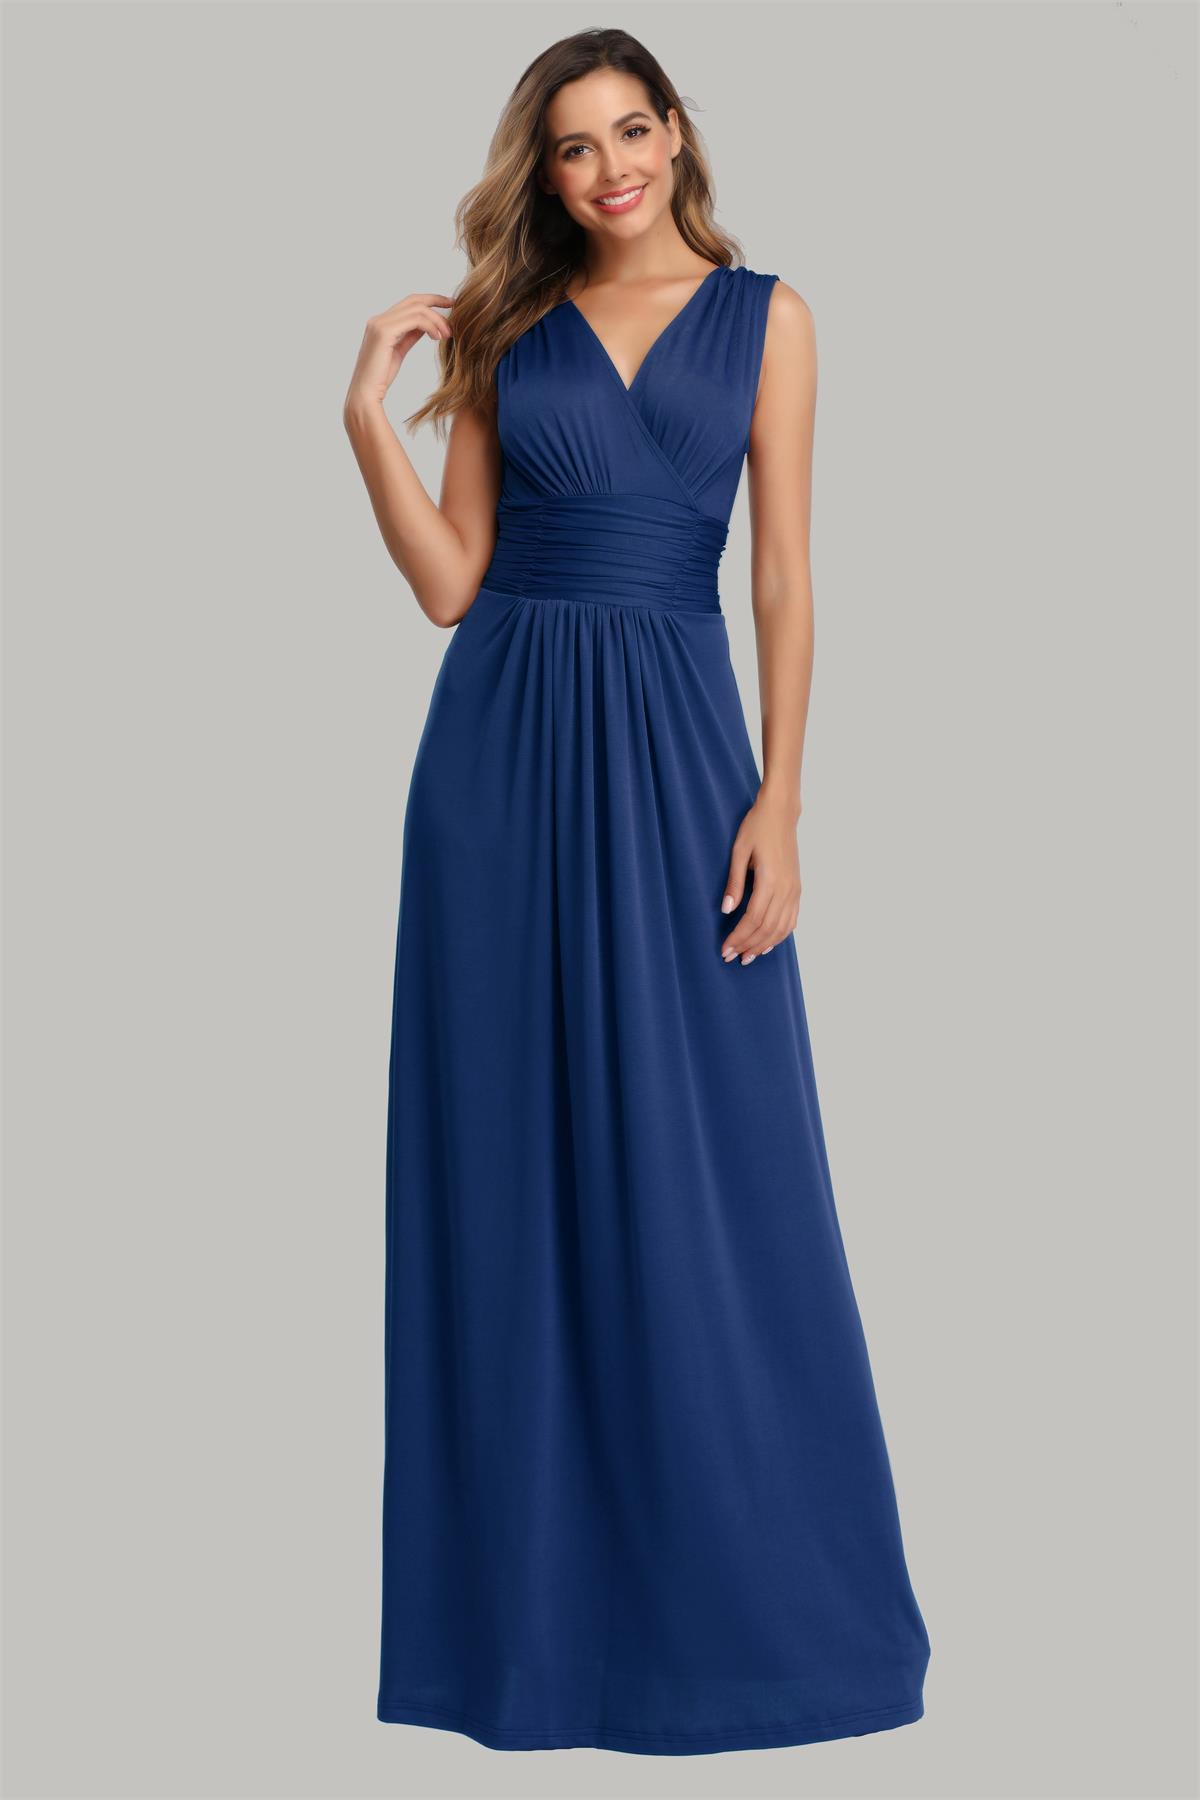 robe longue simple bleu roi cache coeur en jersey pour mère de mariée